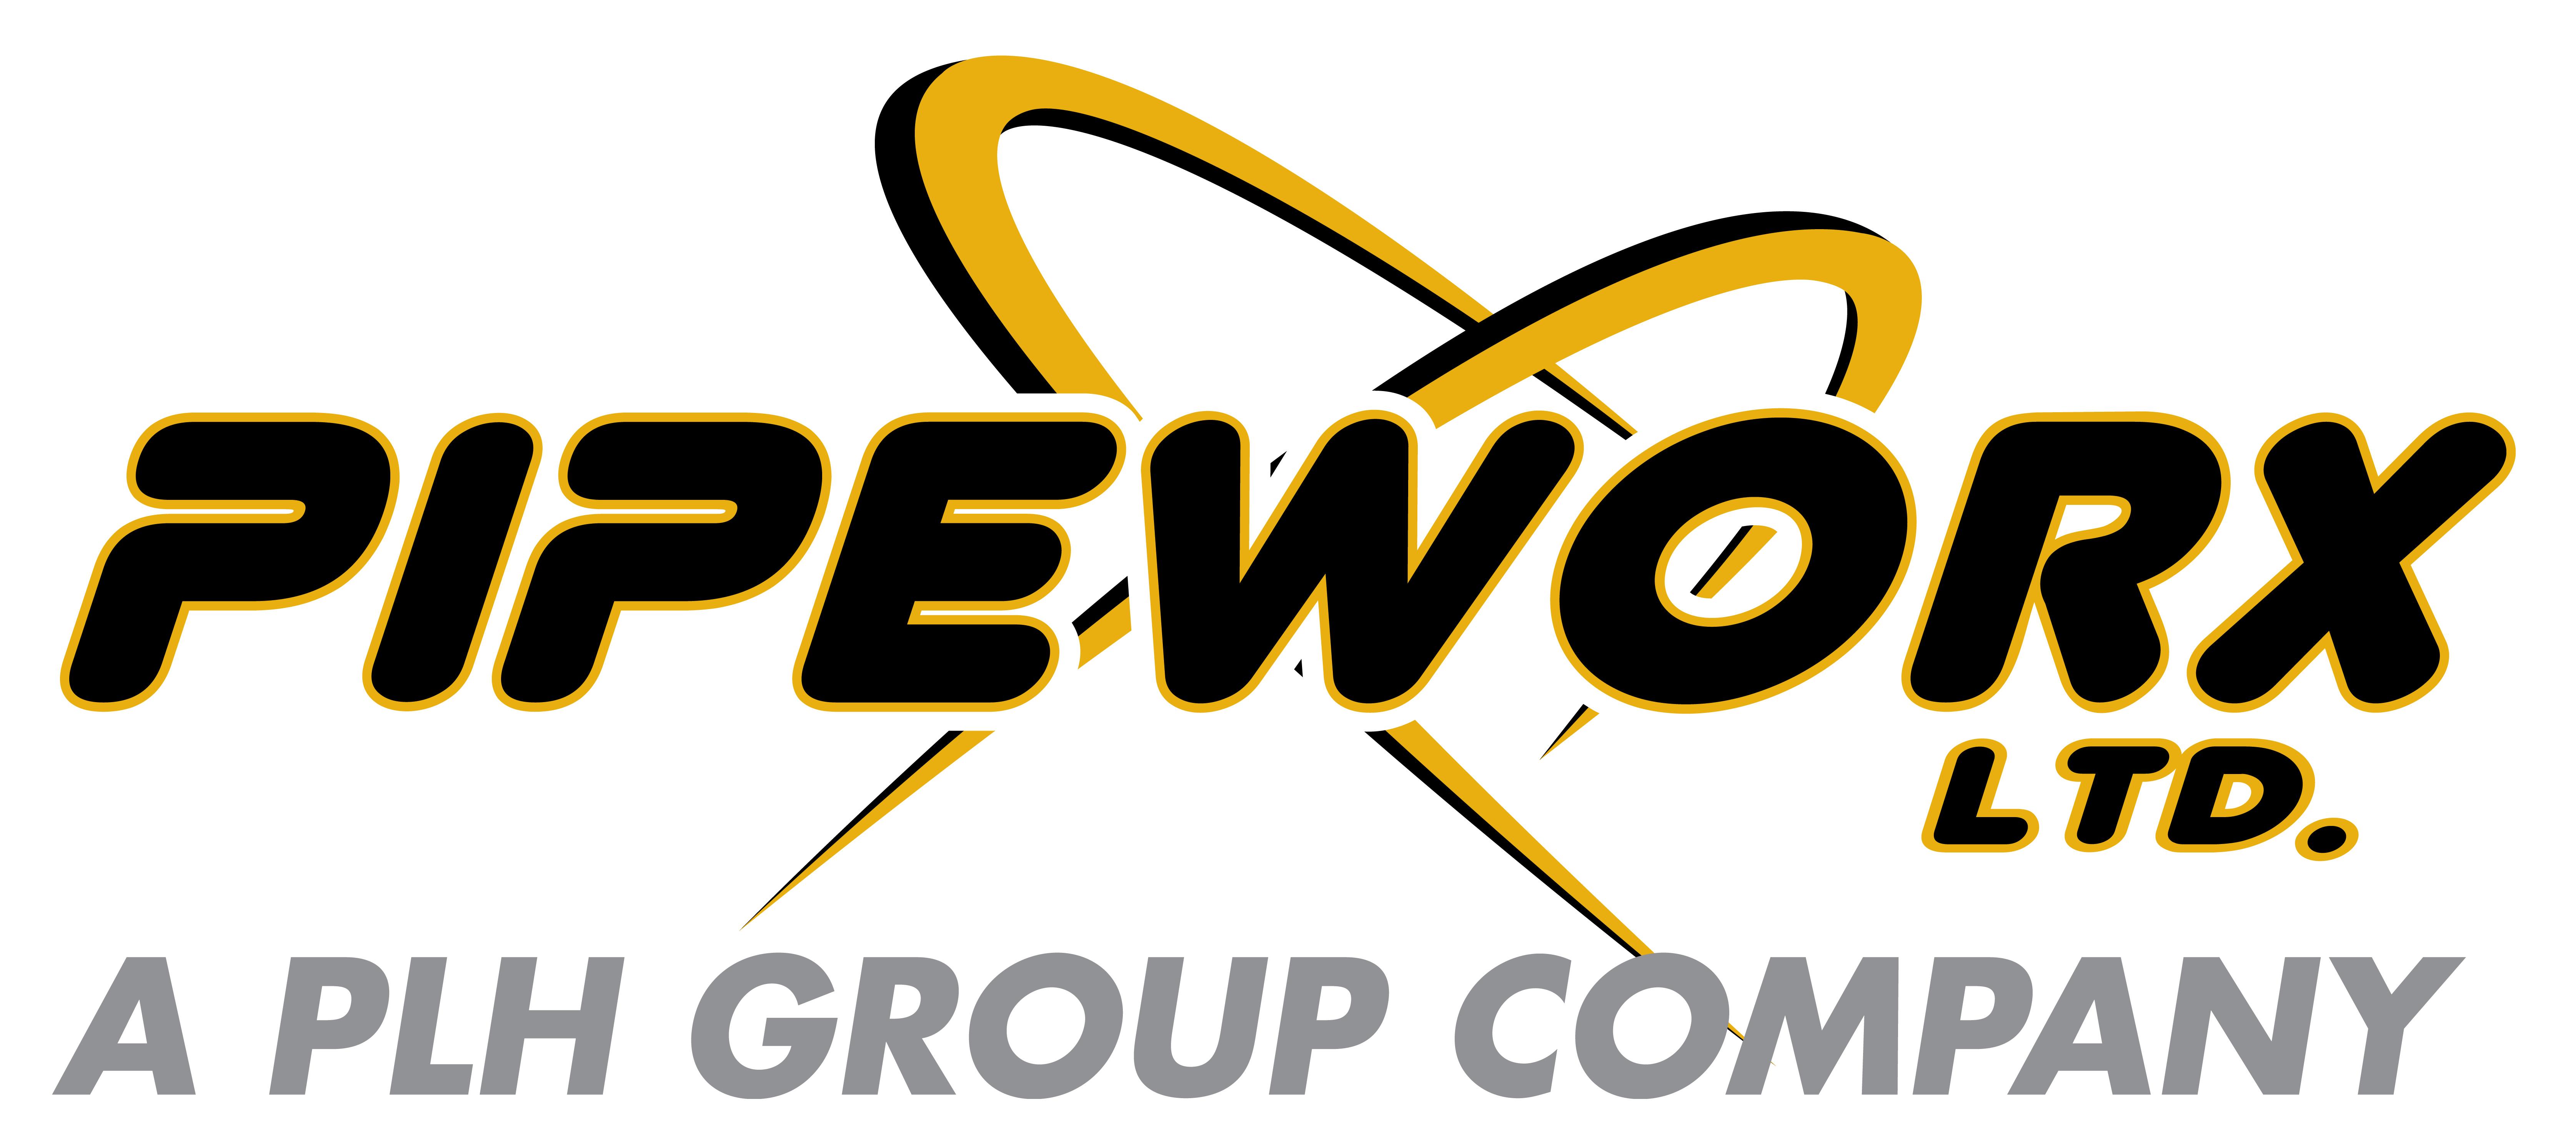 Pipeworx